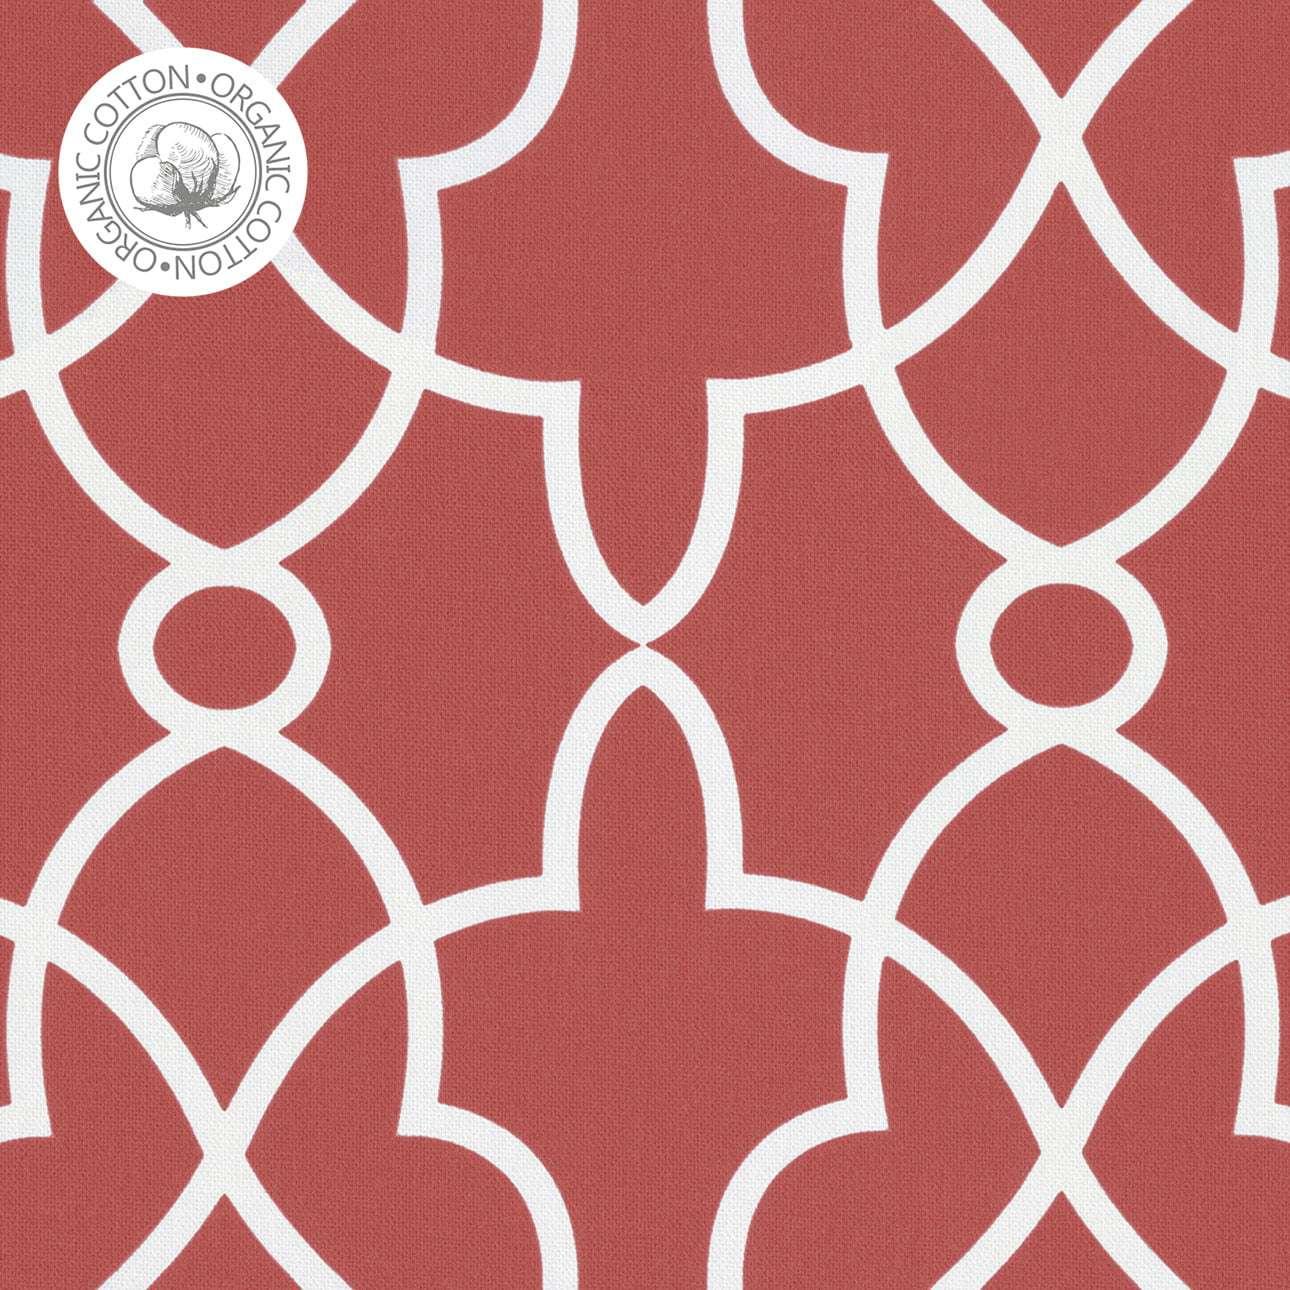 Gardenia 142-21 fra kolleksjonen Gardenia, Stoffets bredde: 142-21